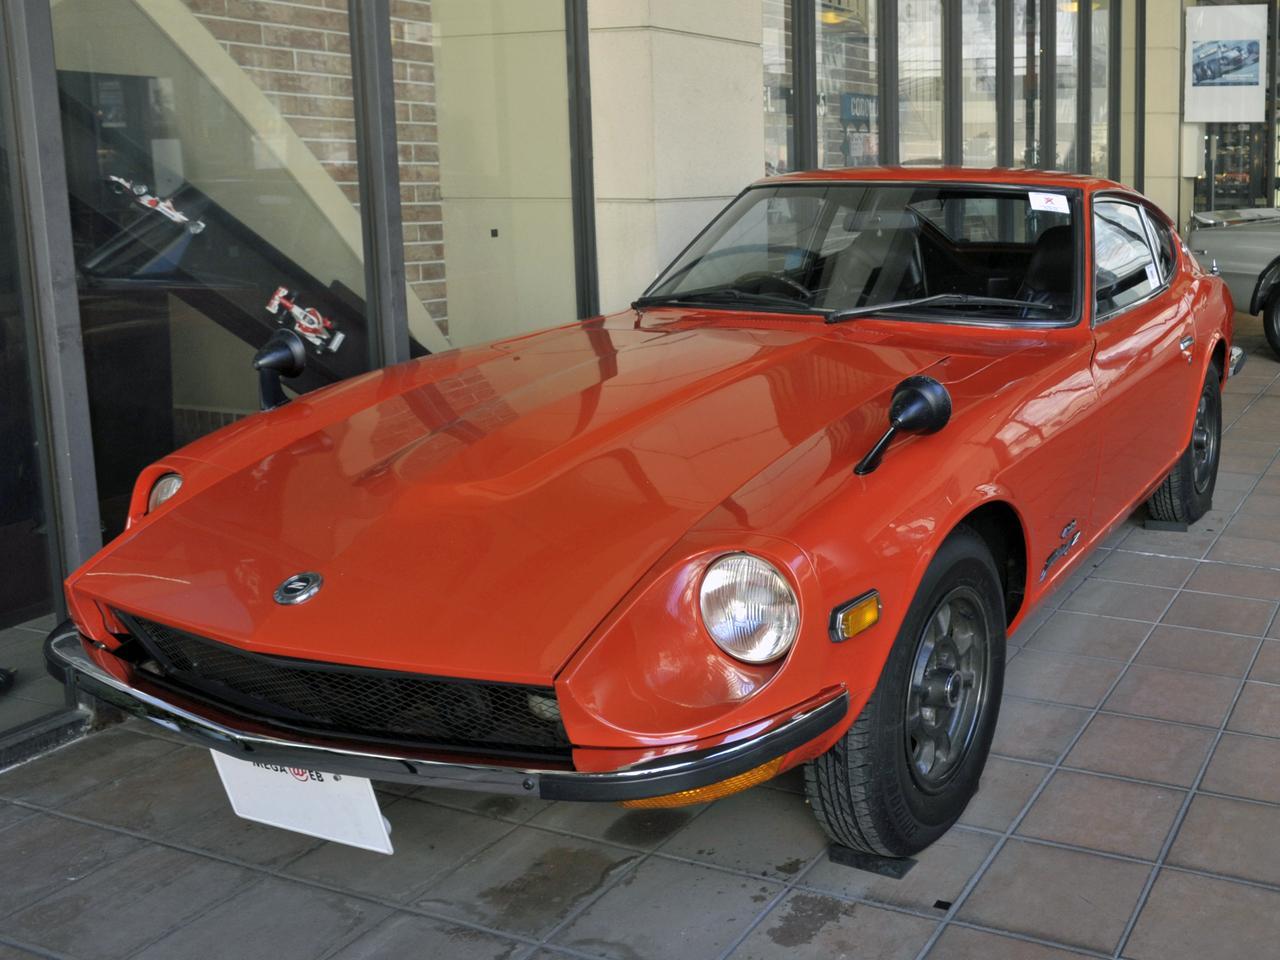 【旧車】60年代の国産スポーツカー (その6)日産 フェアレディZ